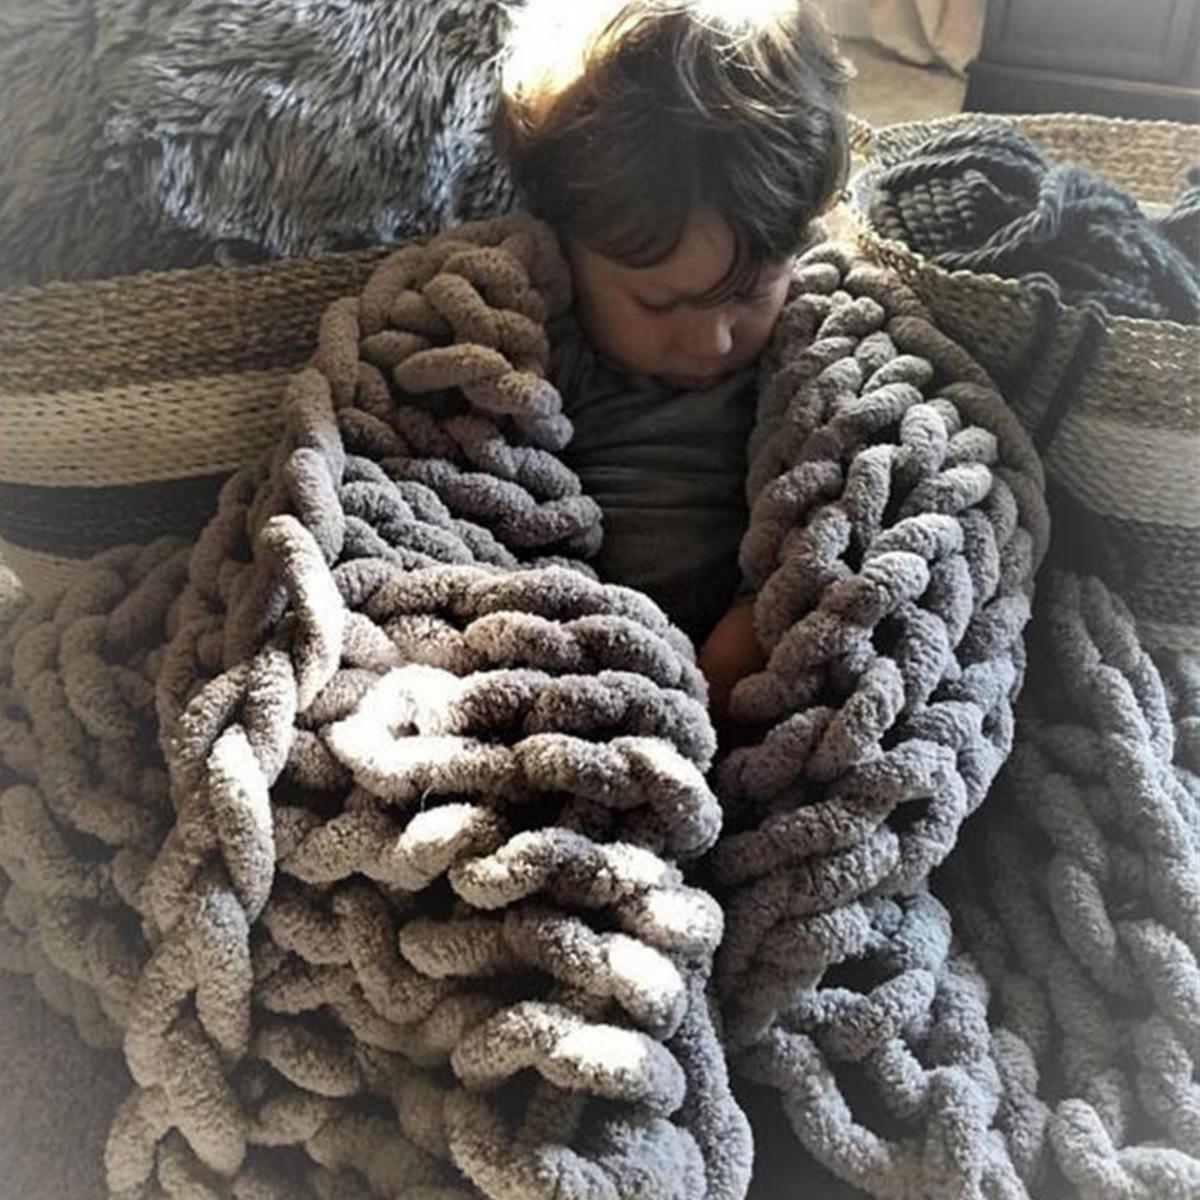 80 х 100см вязаное одеяло ручной работы хлопок Soft моющиеся безворсовые пледы - 2